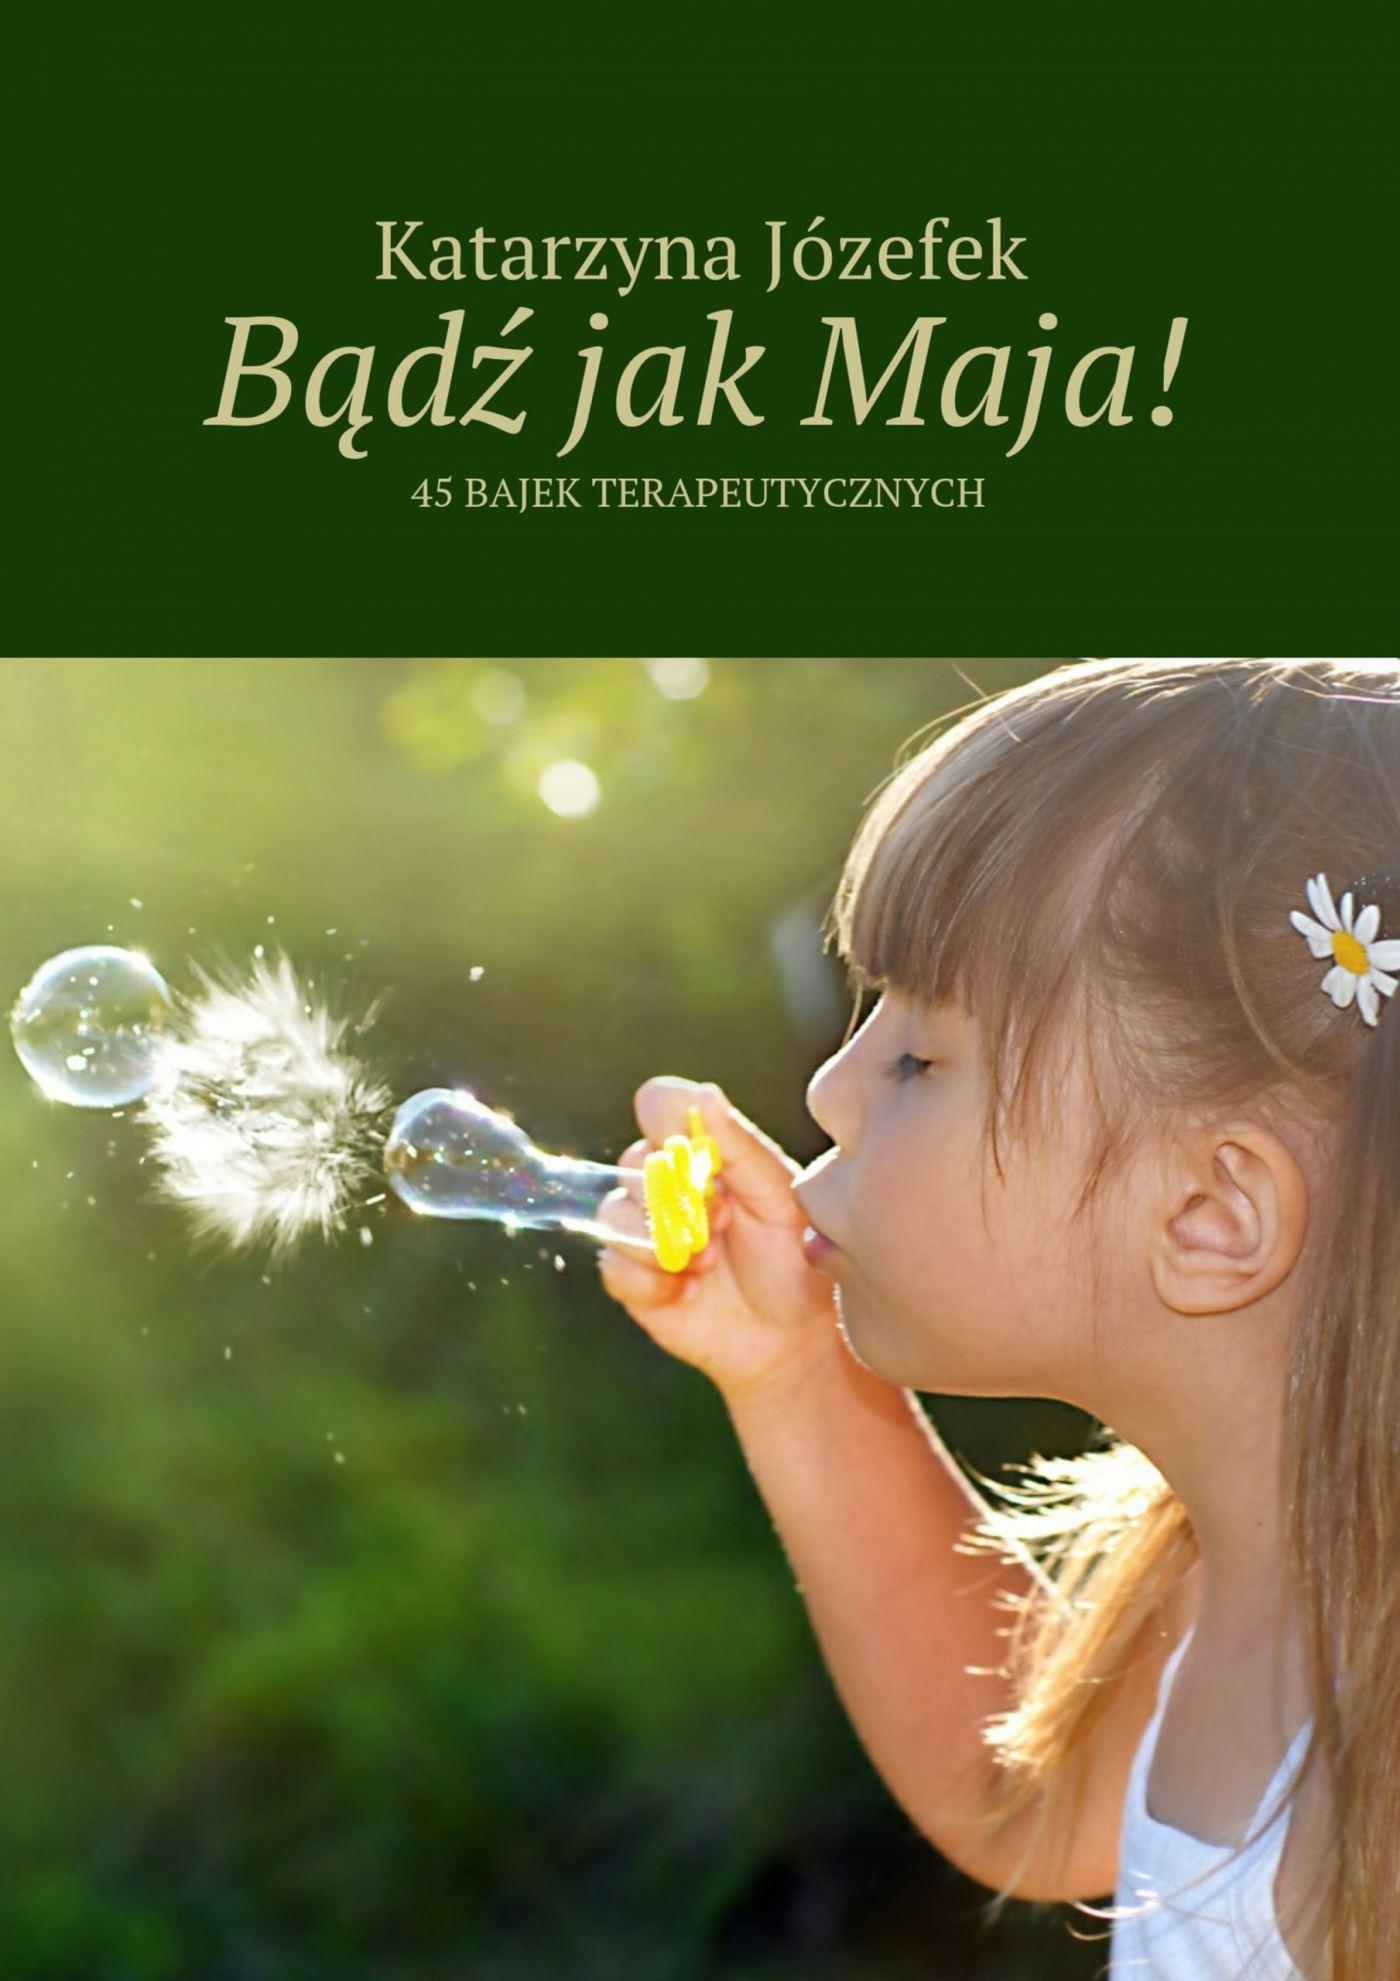 Bądź jak Maja! - Ebook (Książka EPUB) do pobrania w formacie EPUB